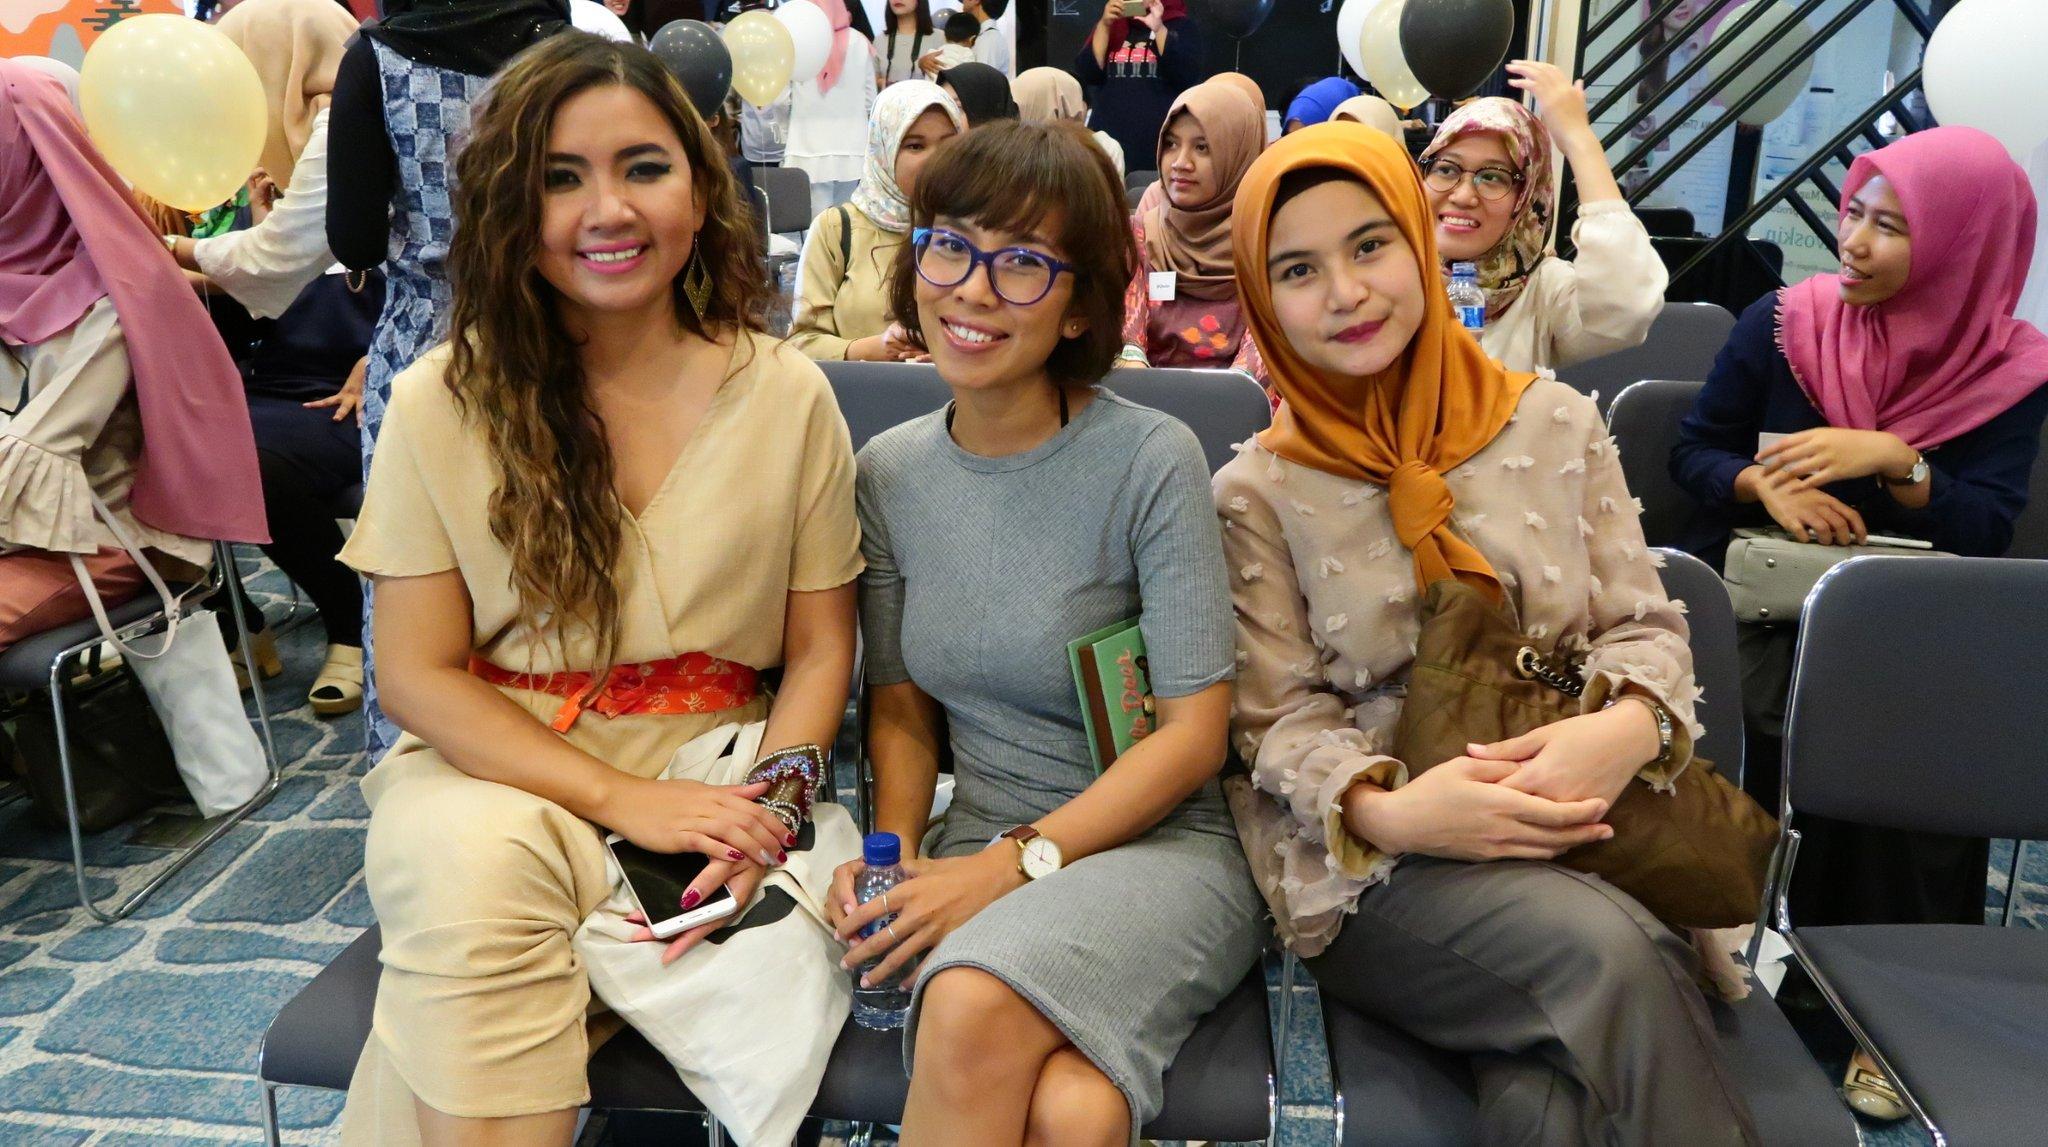 Seru sekali di Jogja hari ini bersama @GirlsintechID dan #PerempuanPunyaKarya https://t.co/dRF35juPs2